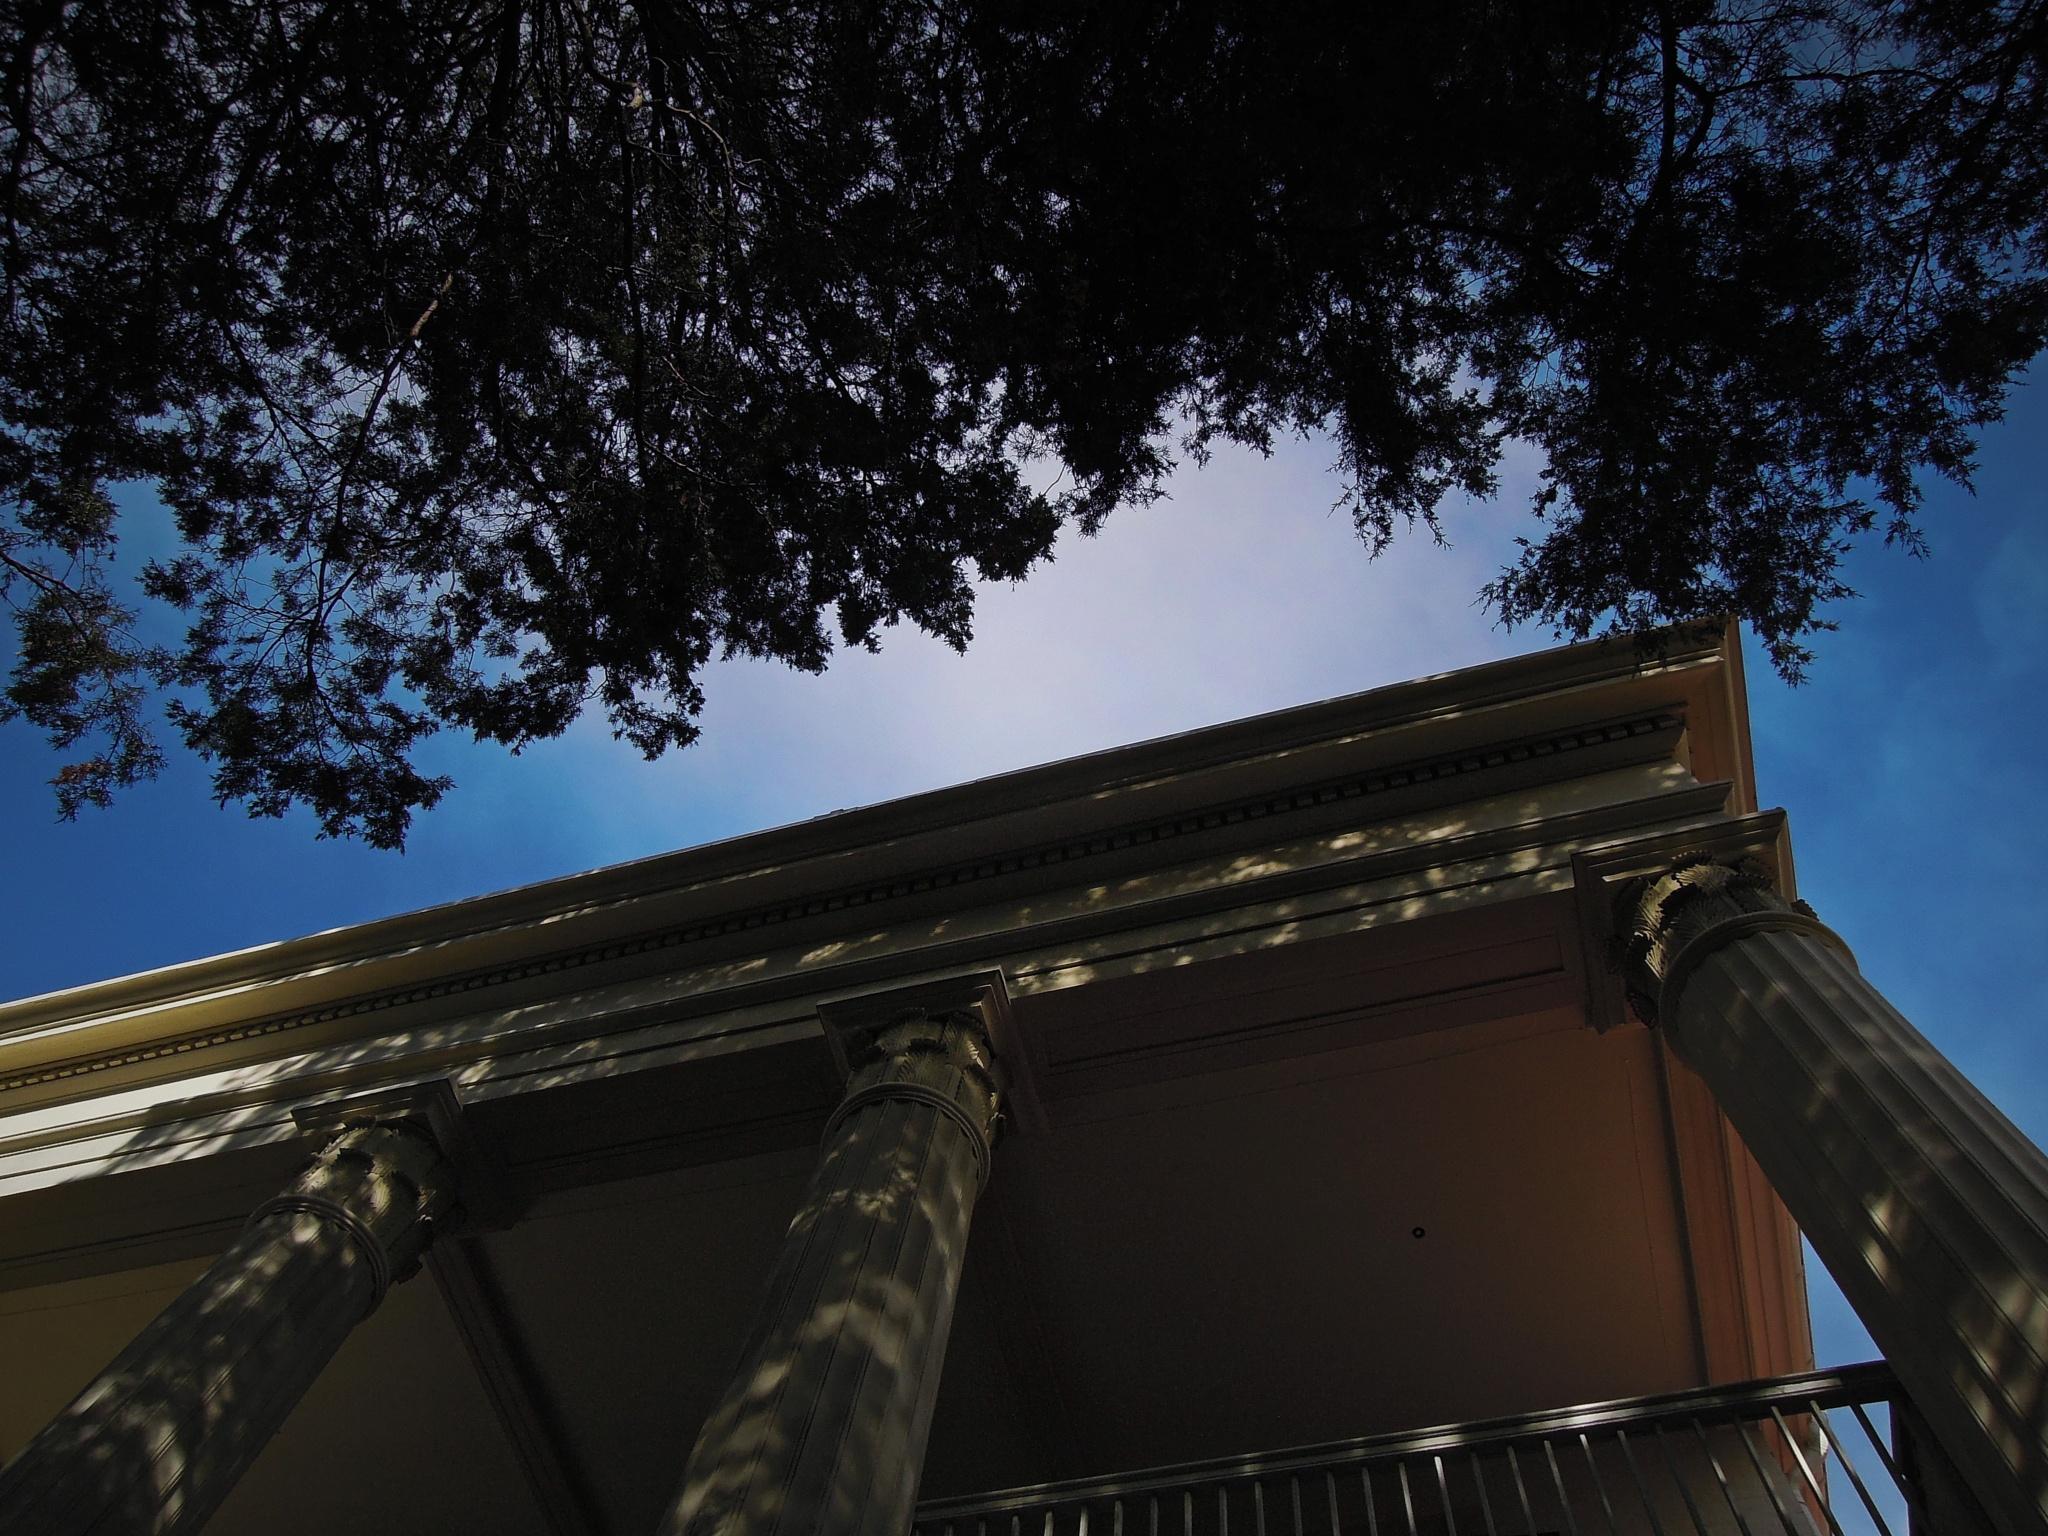 verada sky by giuseppe.scarola.7